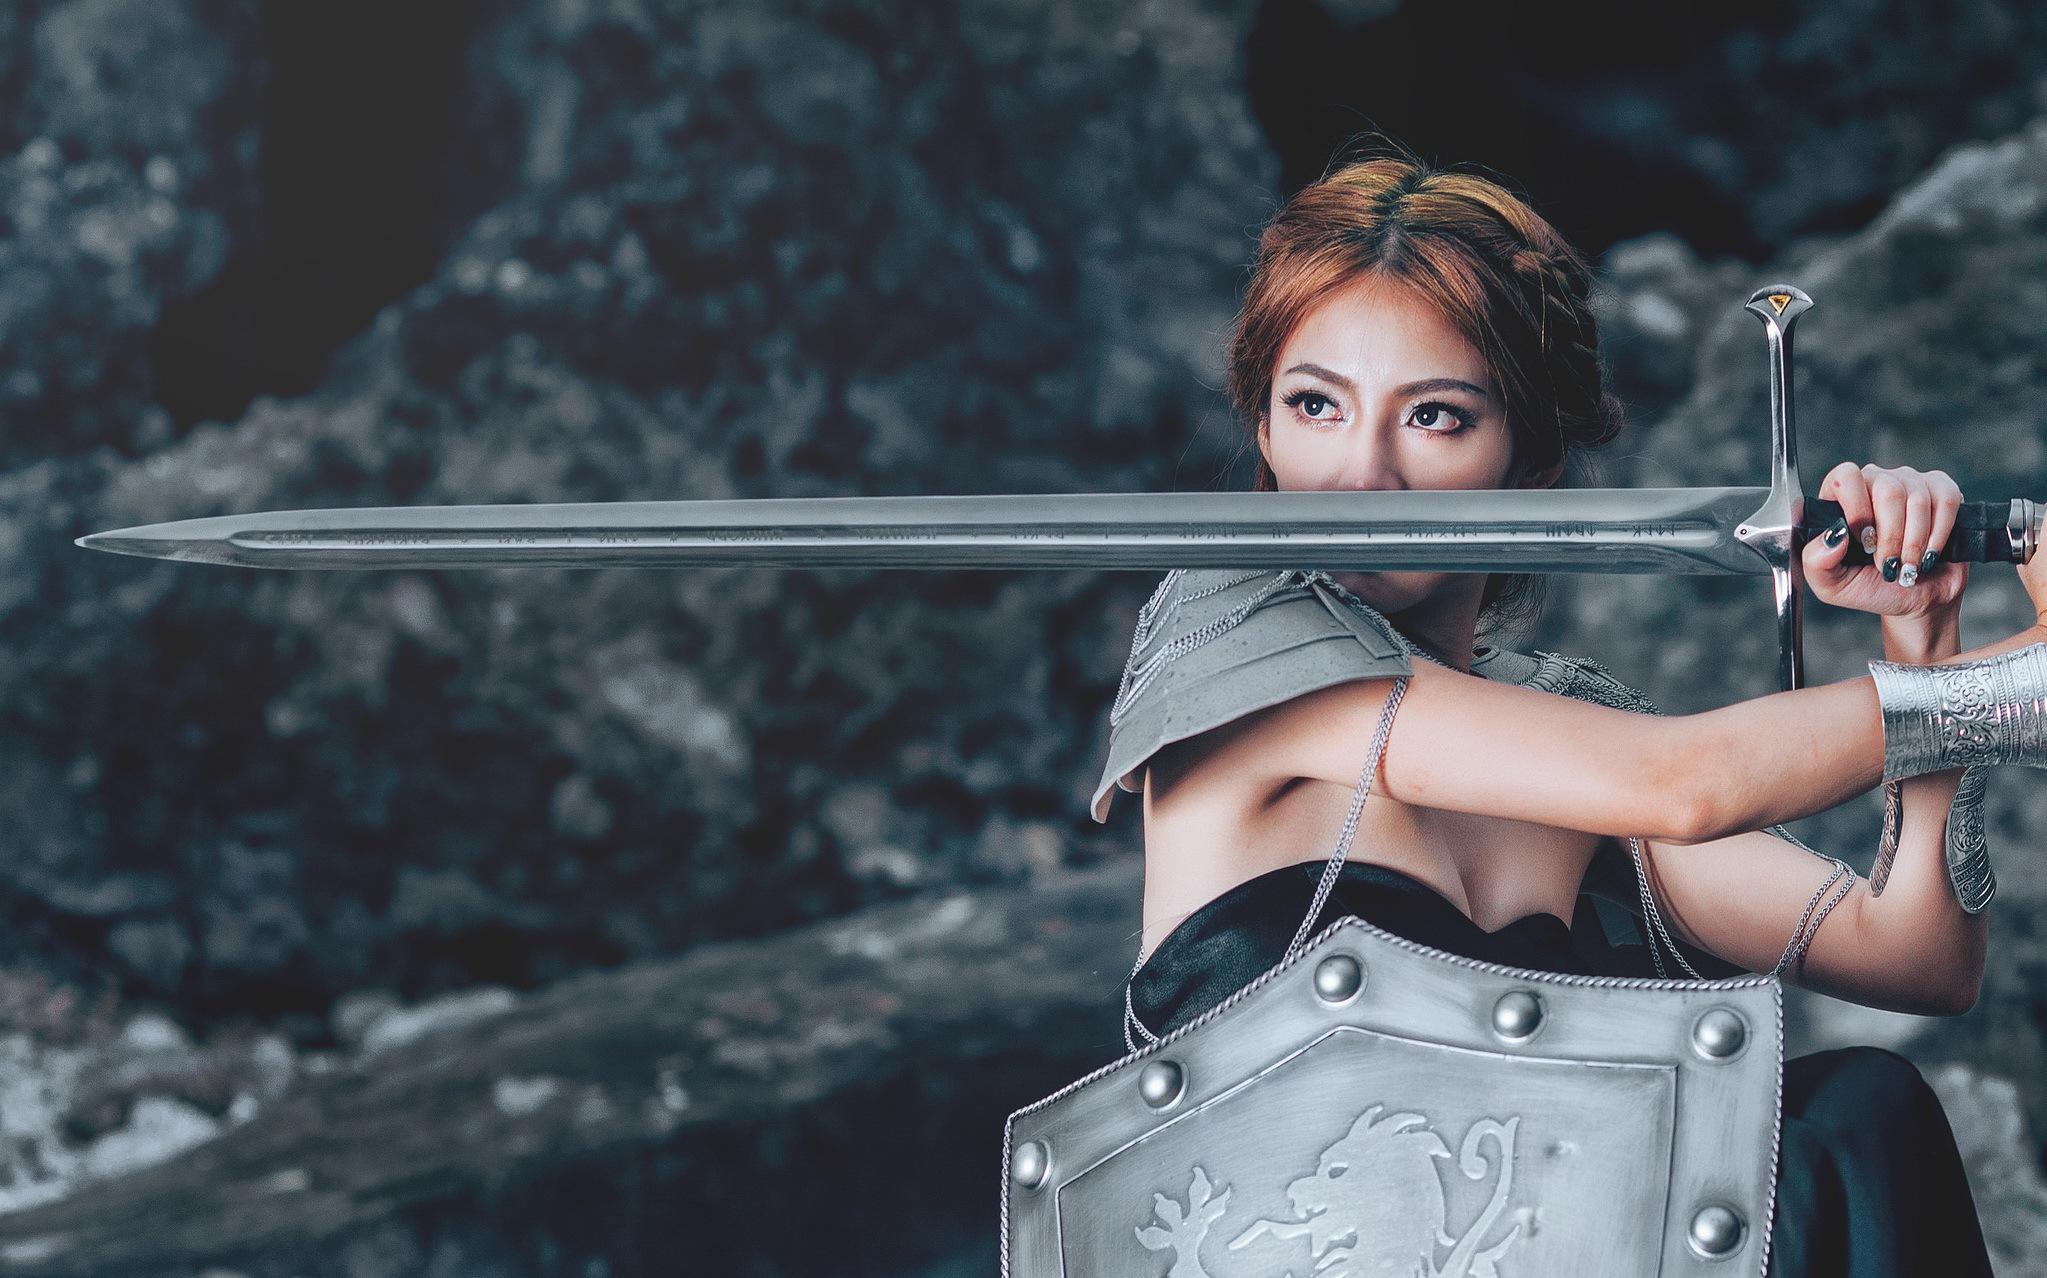 Девушка с мечом фотосессия, как трахнуть себя в жопу